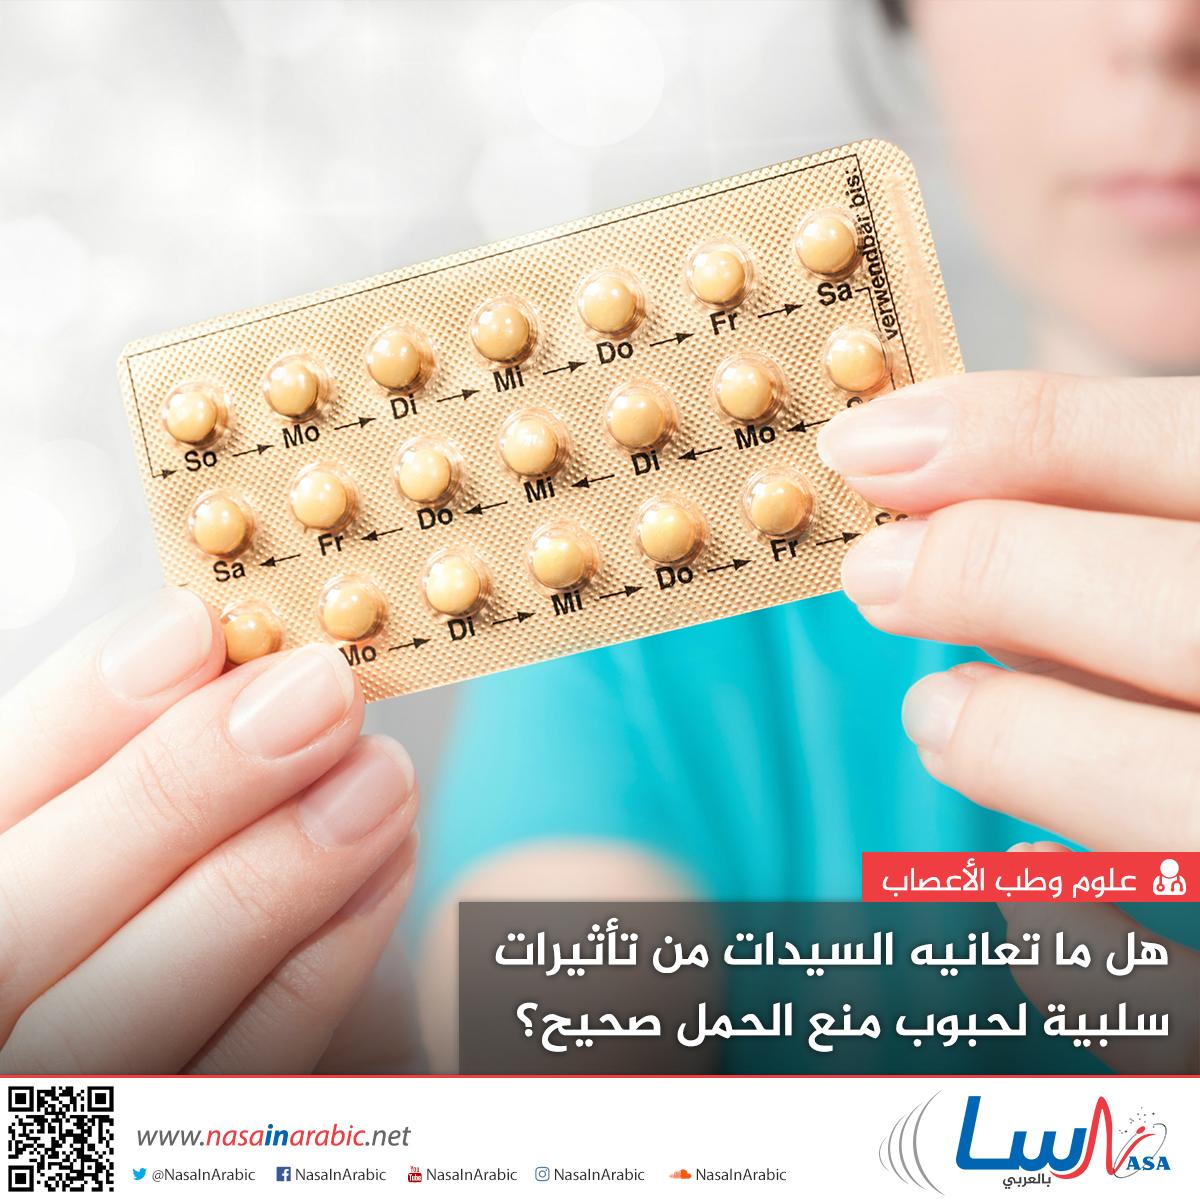 هل ما تعانيه السيدات من تأثيرات سلبية لحبوب منع الحمل صحيح؟